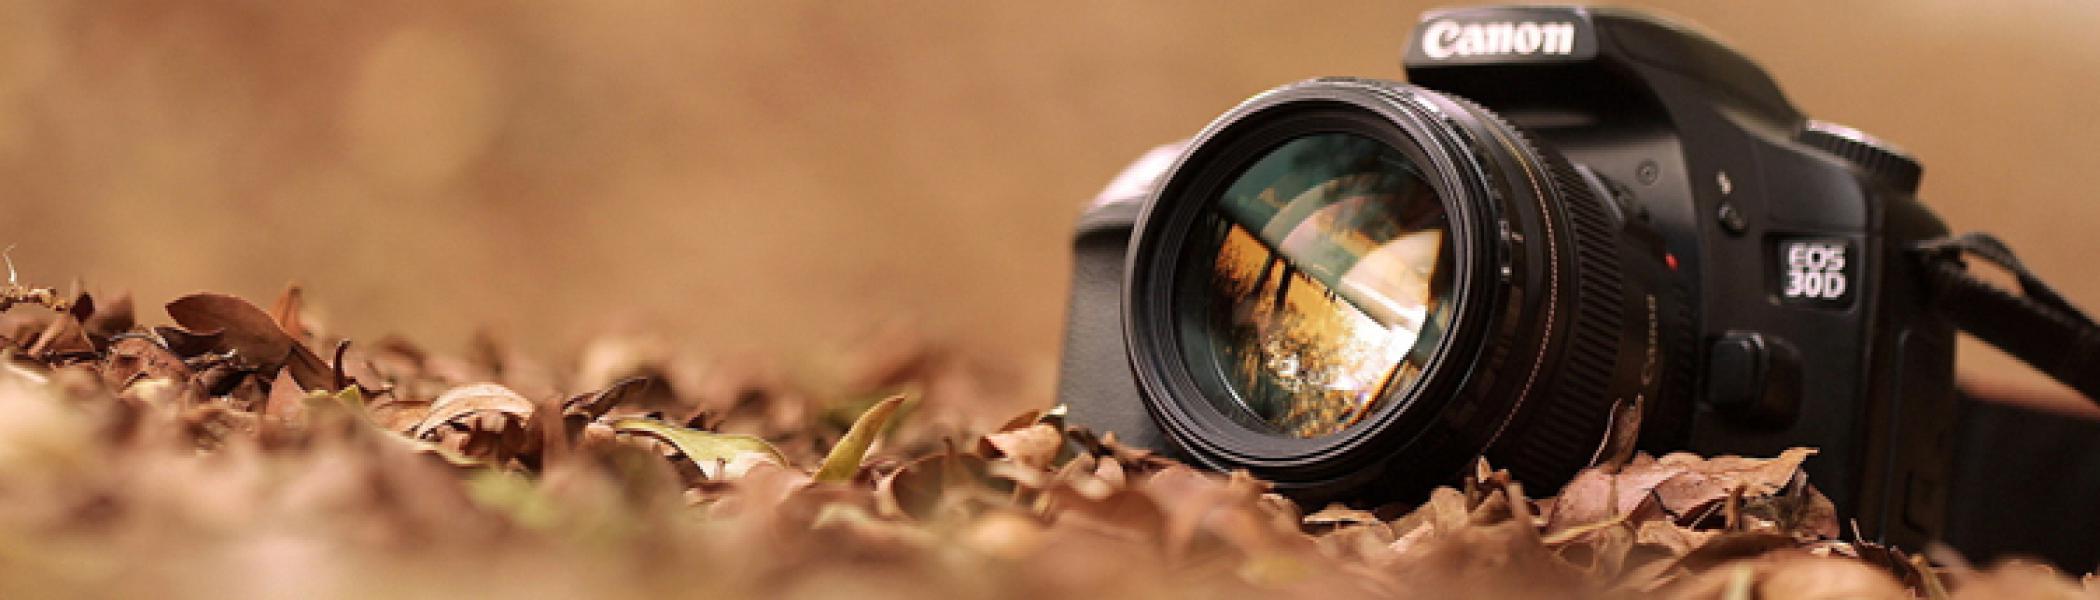 Как сделать продающий сайт фотографа